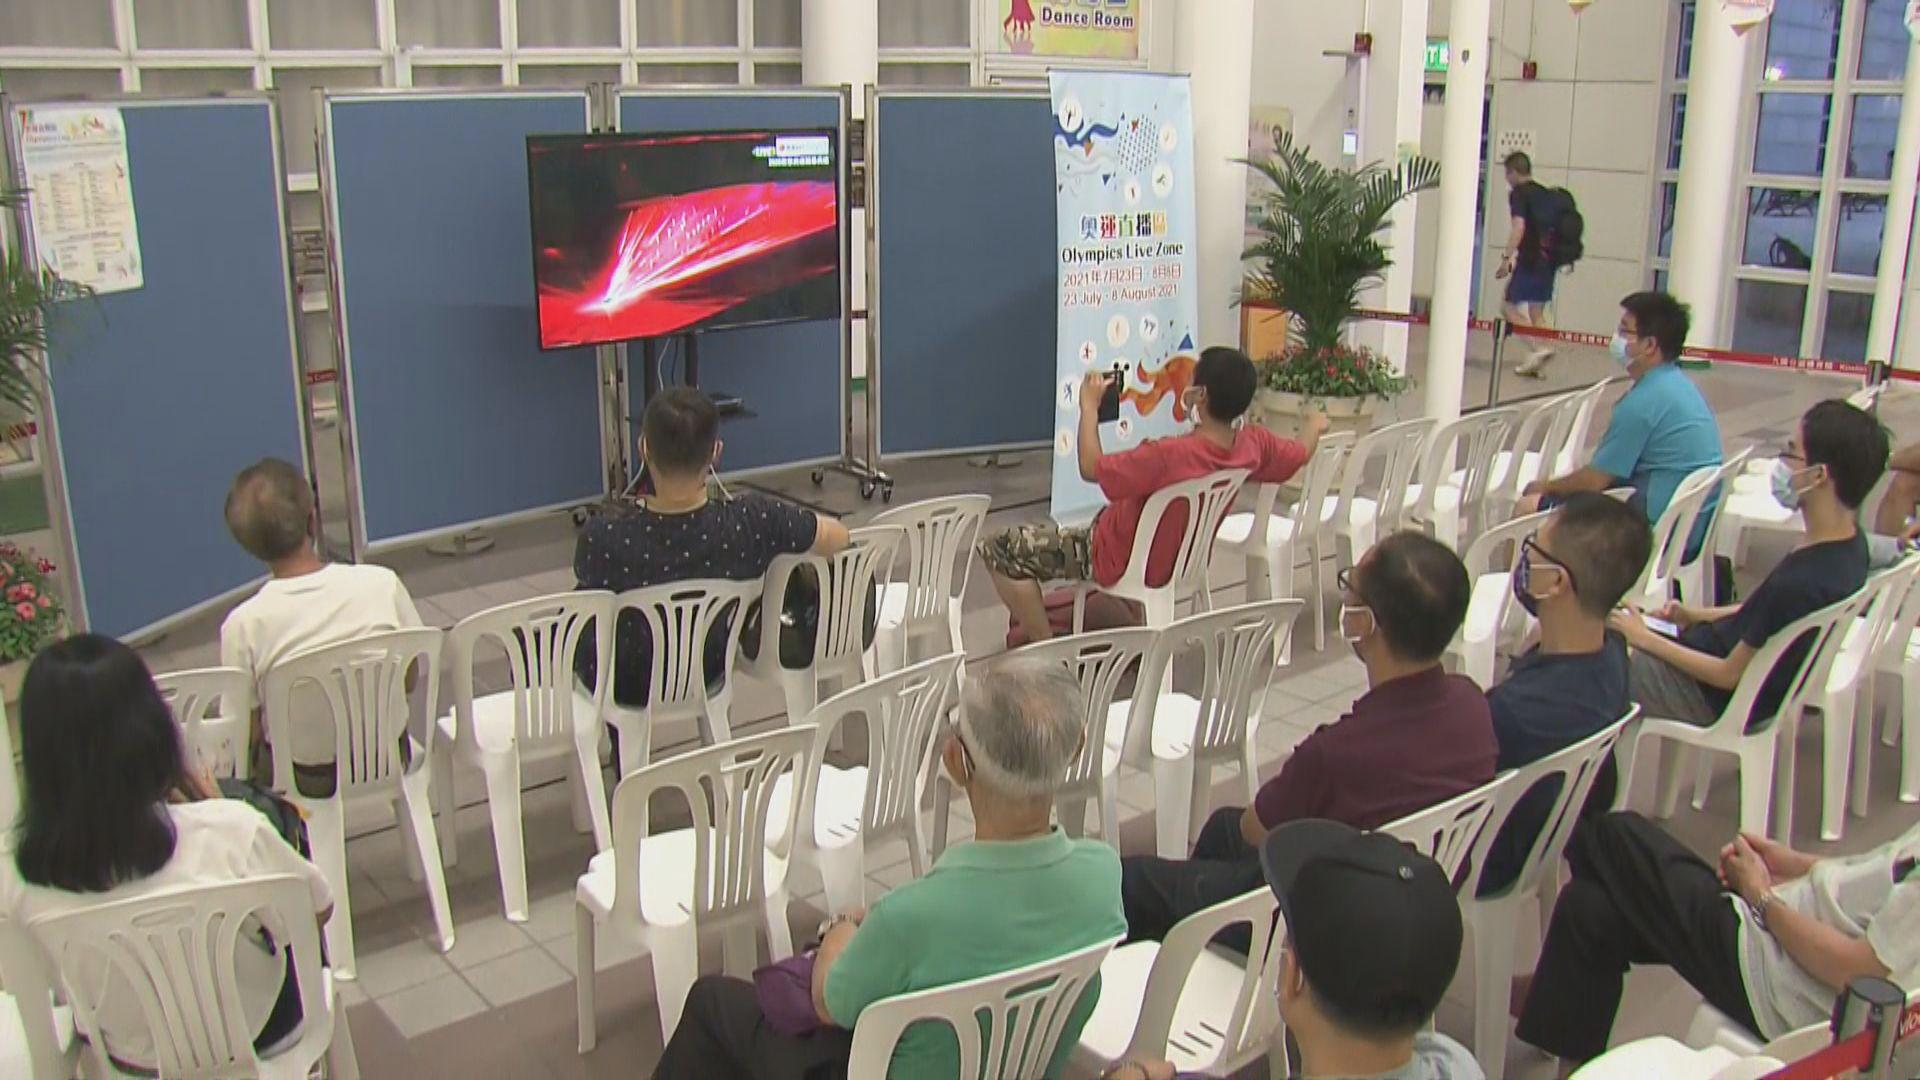 十八區體育館直播奧運開幕禮 吸引市民到場觀看